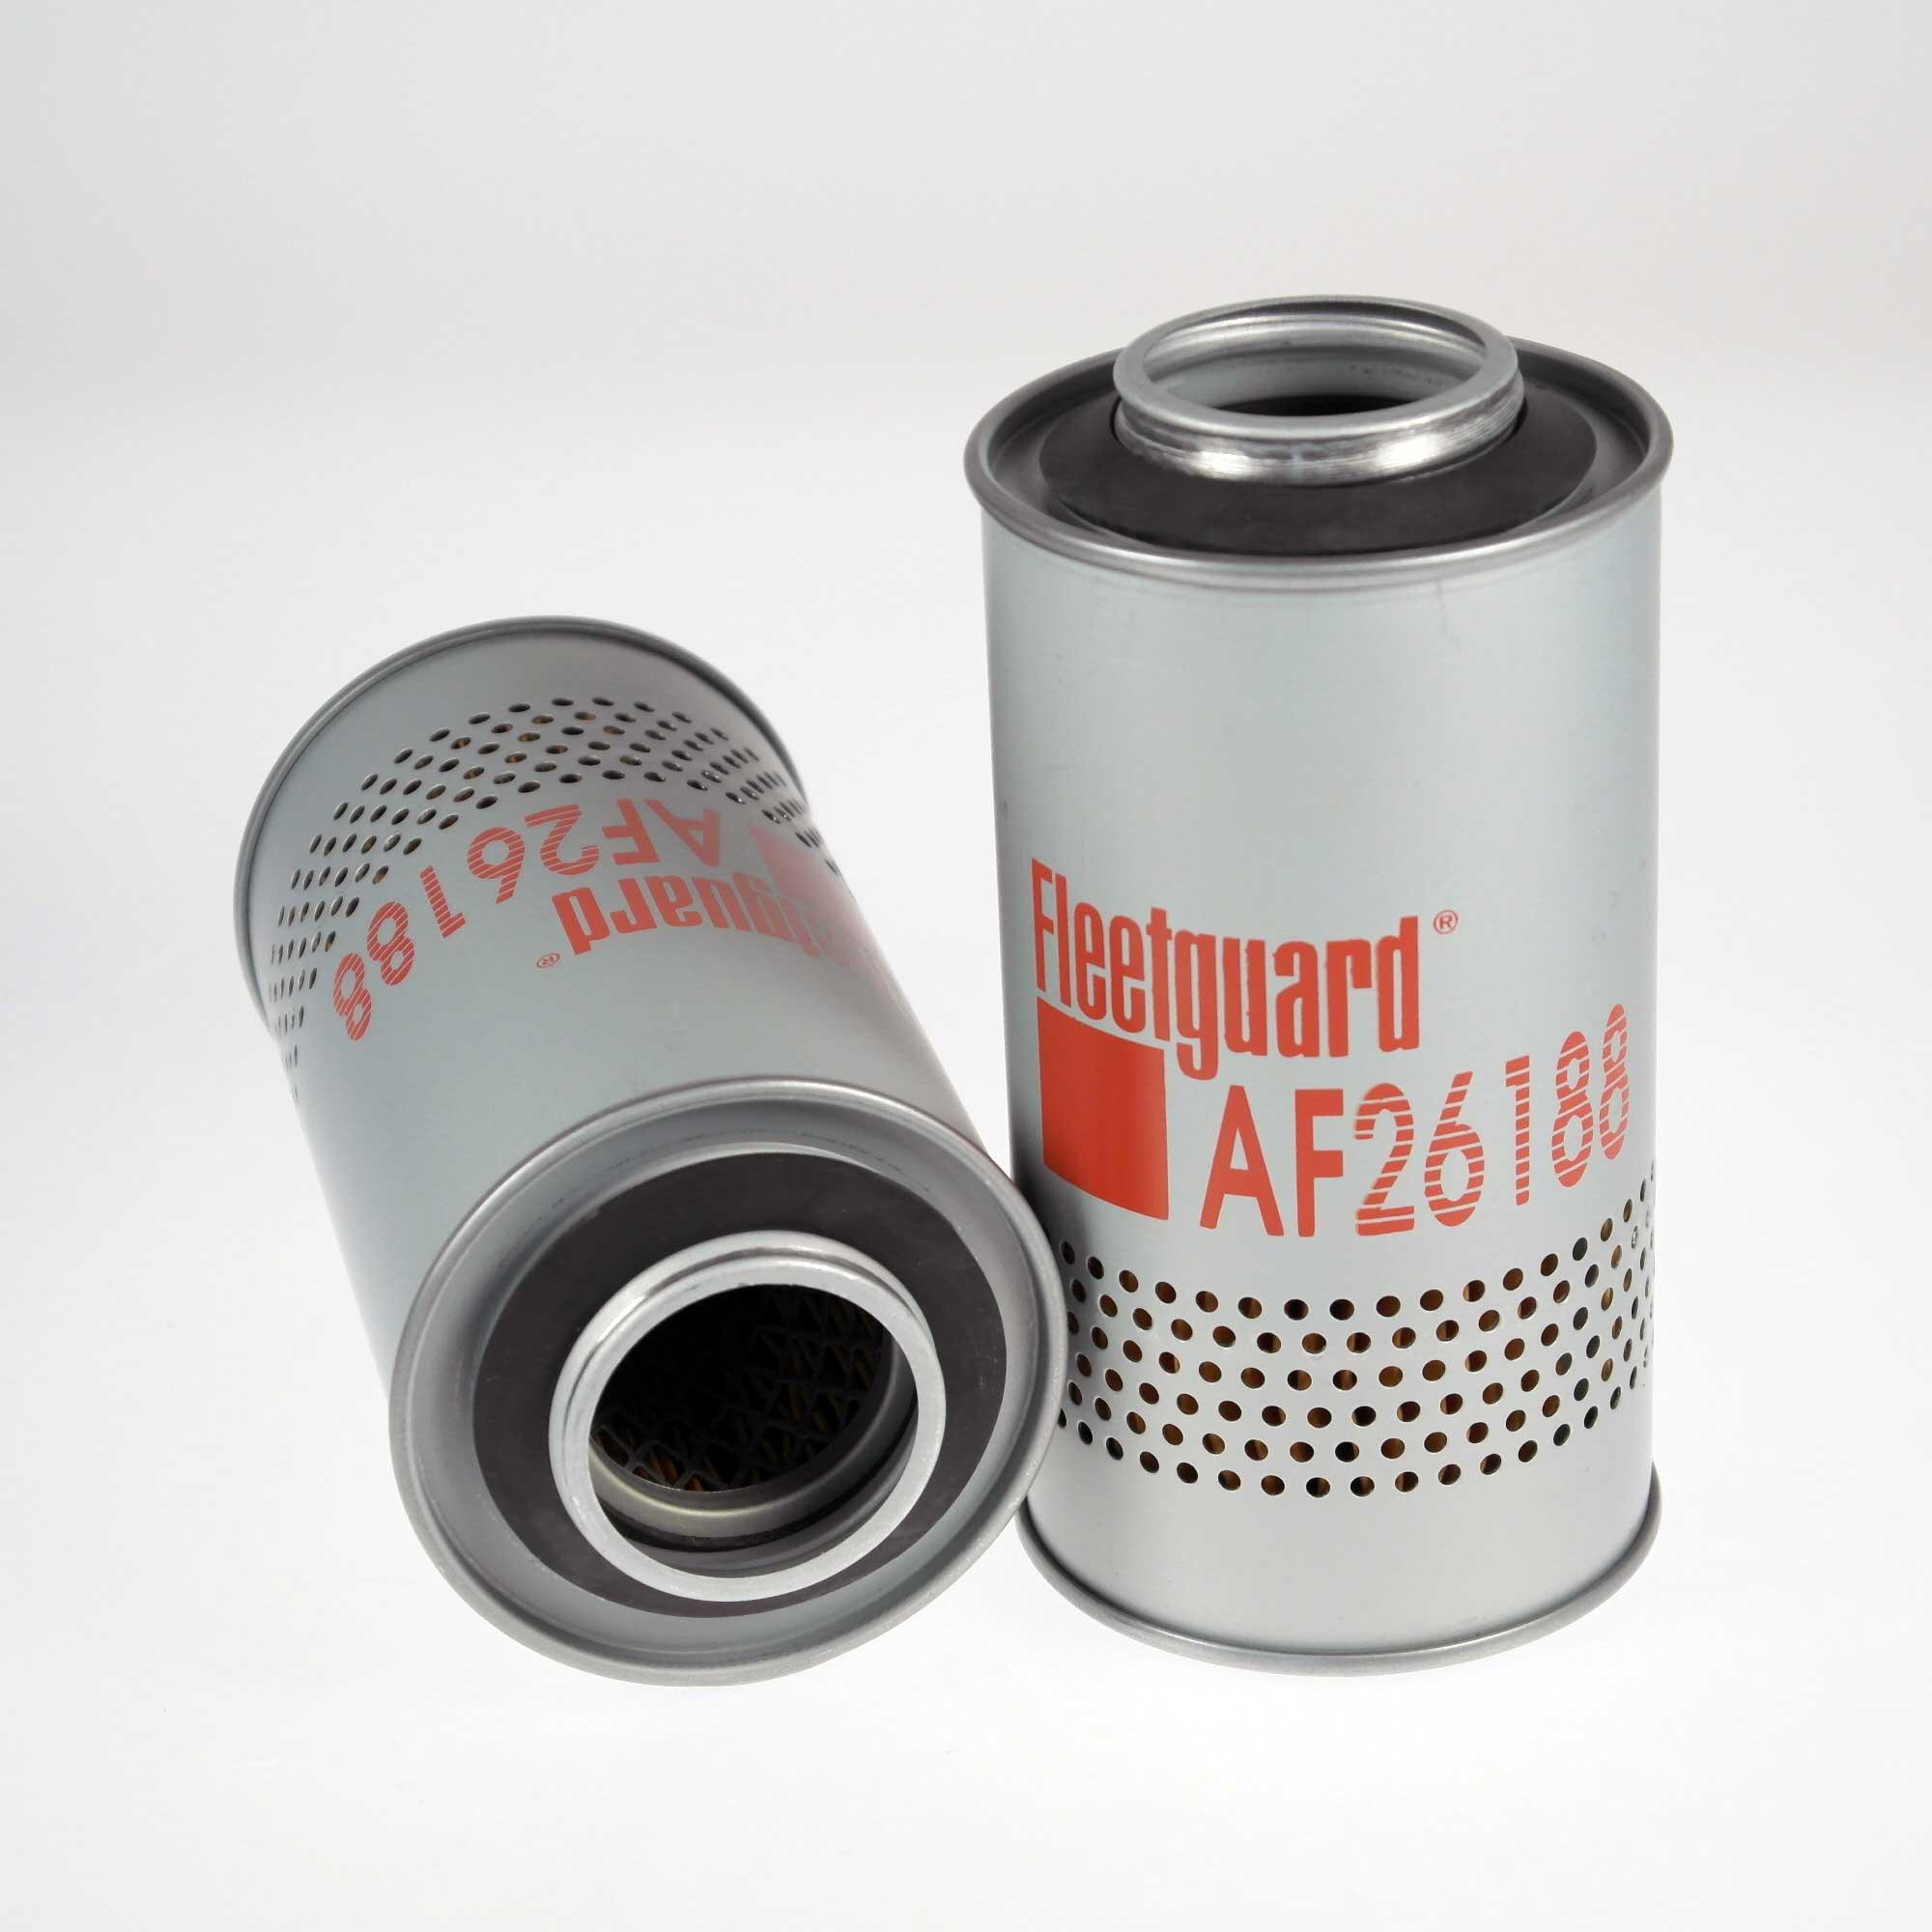 Filterelement for veivhusventilasjon, varenummer AF26188